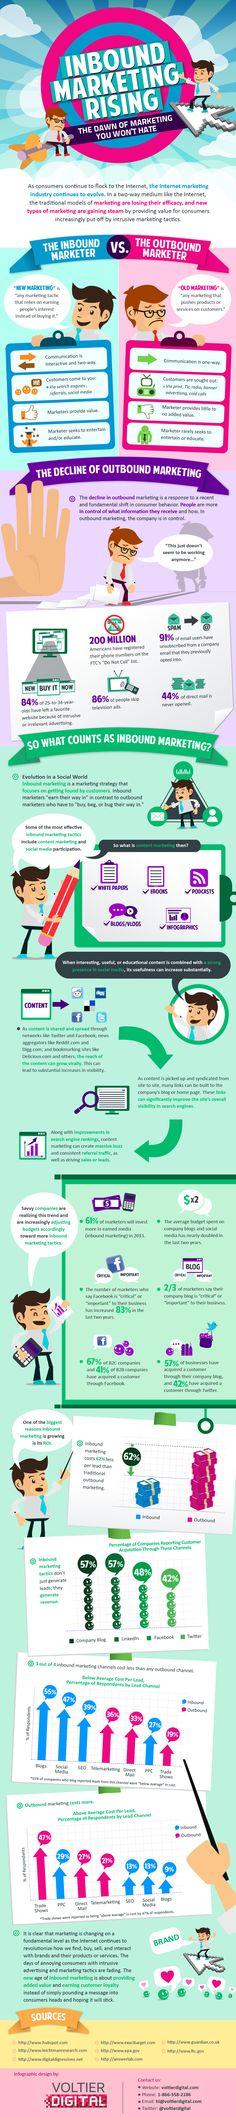 market infograph, social media, outbound market, busi, market rise, content market, inboundmarket, inbound marketing, digit market